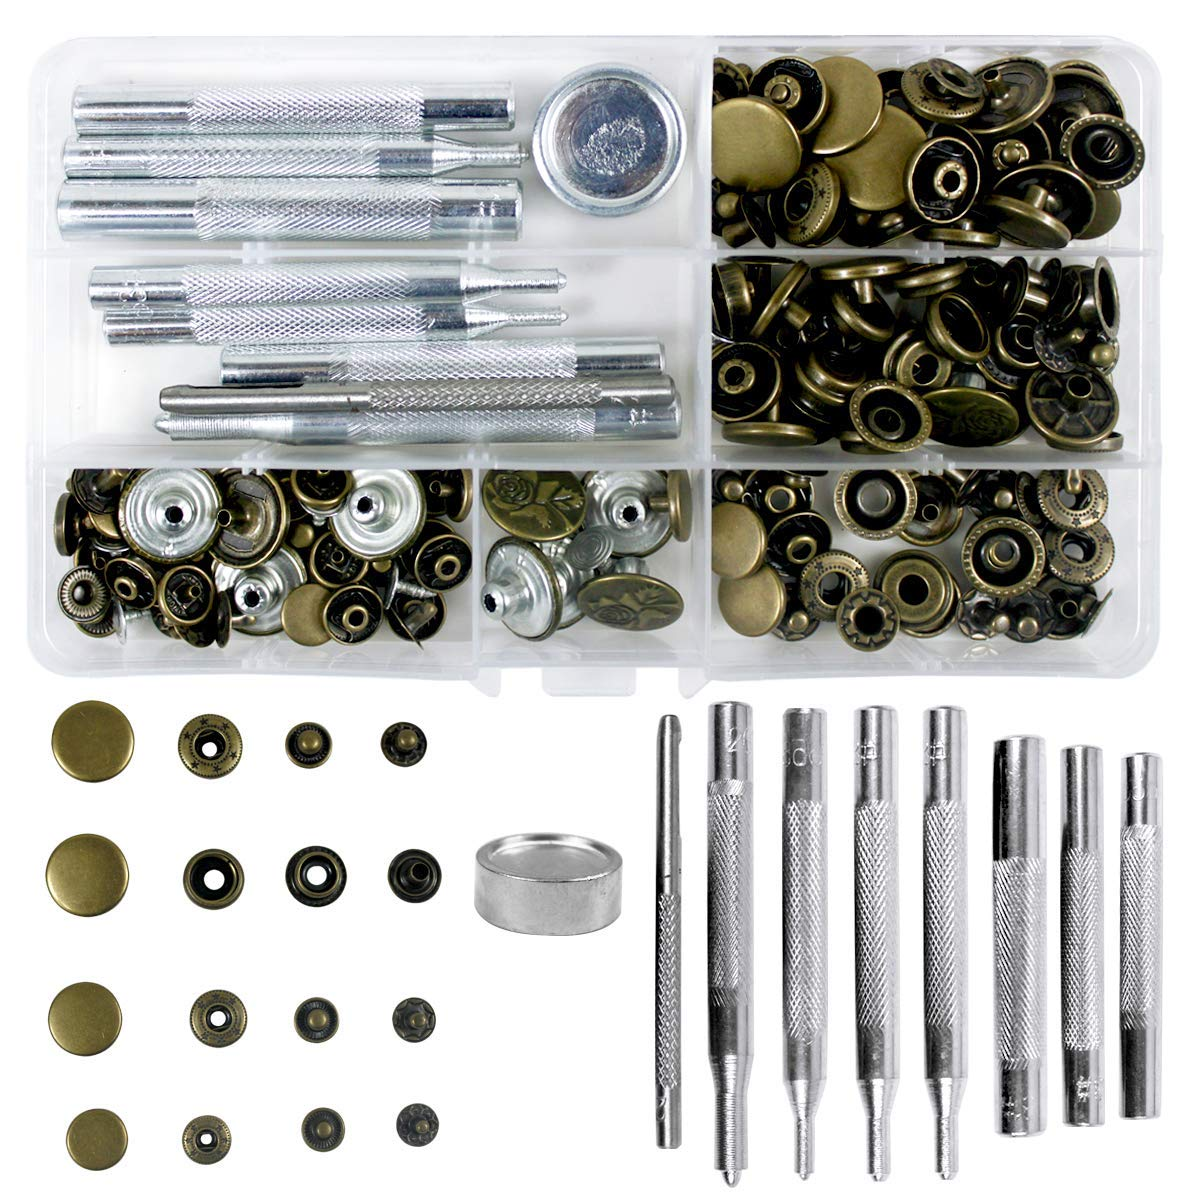 50 conjunto de 4 tamanhos rebites de couro único tampão rebite studs de metal tubular com 9 peças ferramenta de fixação para artesanato de couro diy, rebites rep